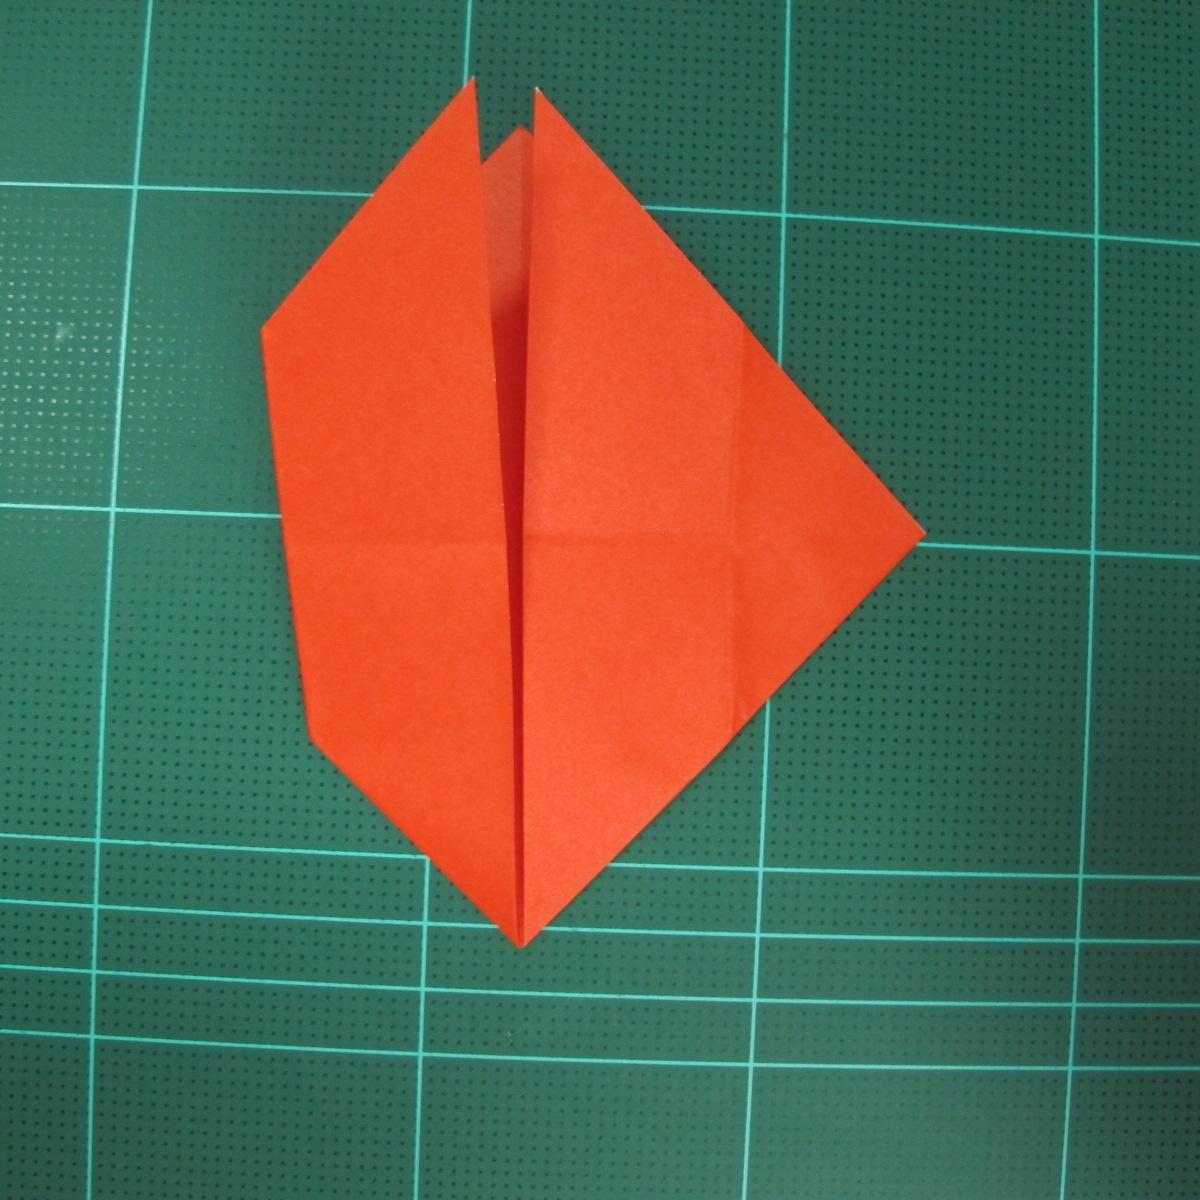 การพับกระดาษเป็นนกพิราบ (Origami pigeon) 00012